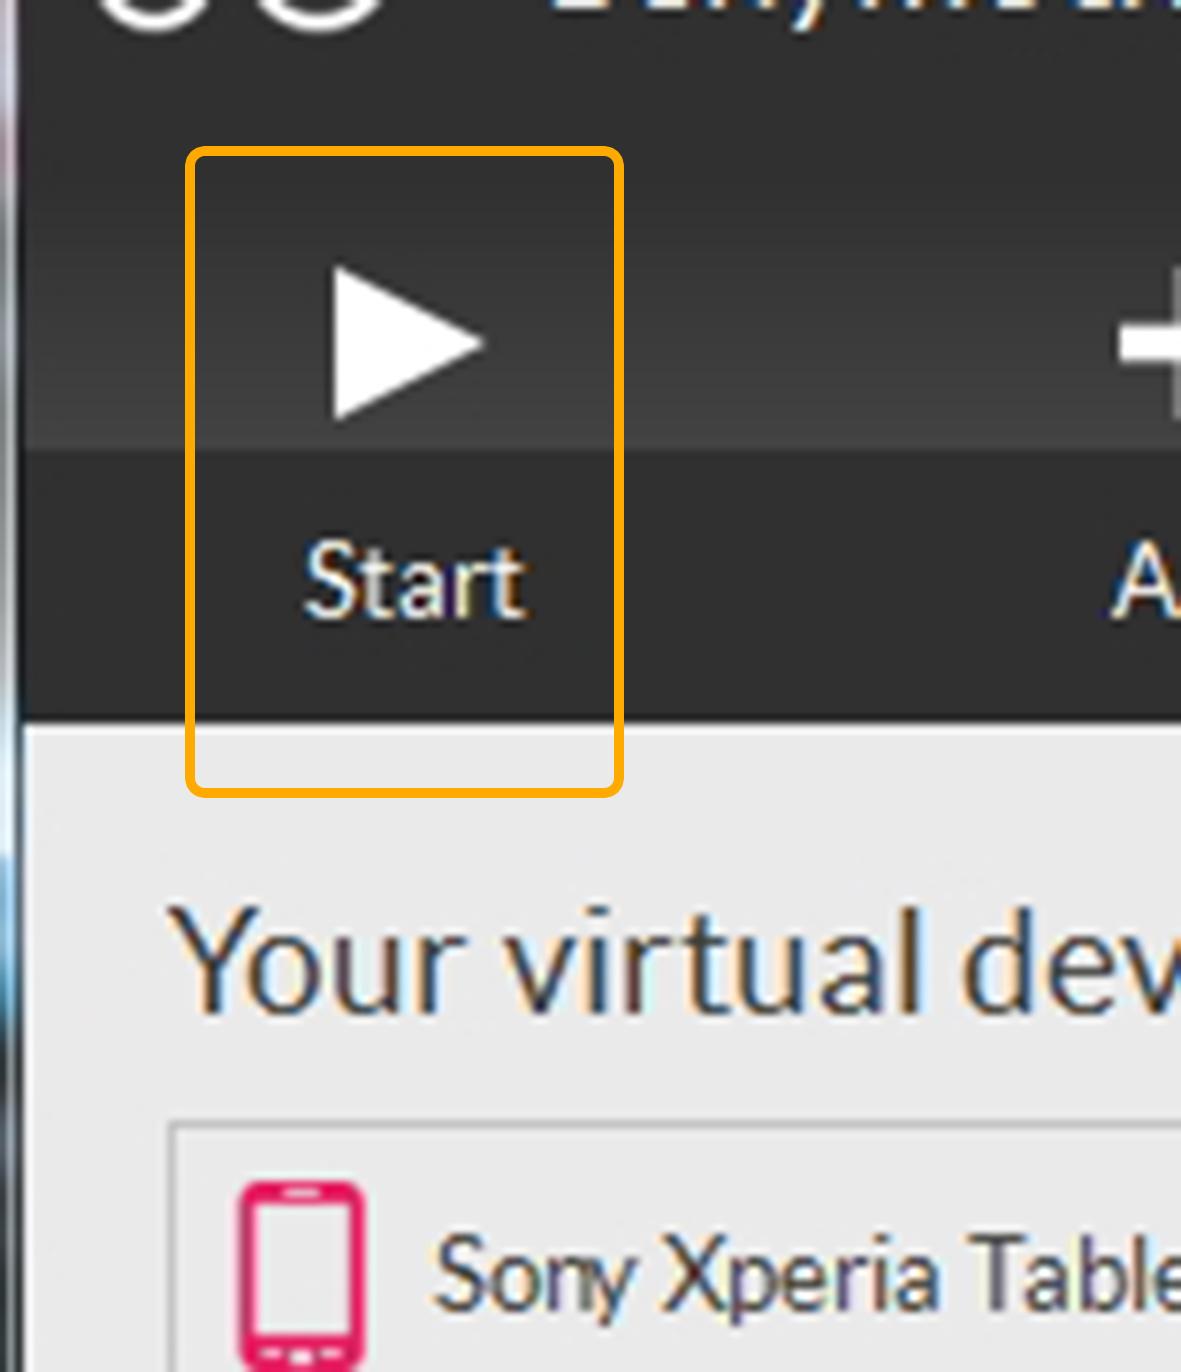 Кнопка, на которую нужно нажать пользователю, чтобы произвести запуск виртуального устройства